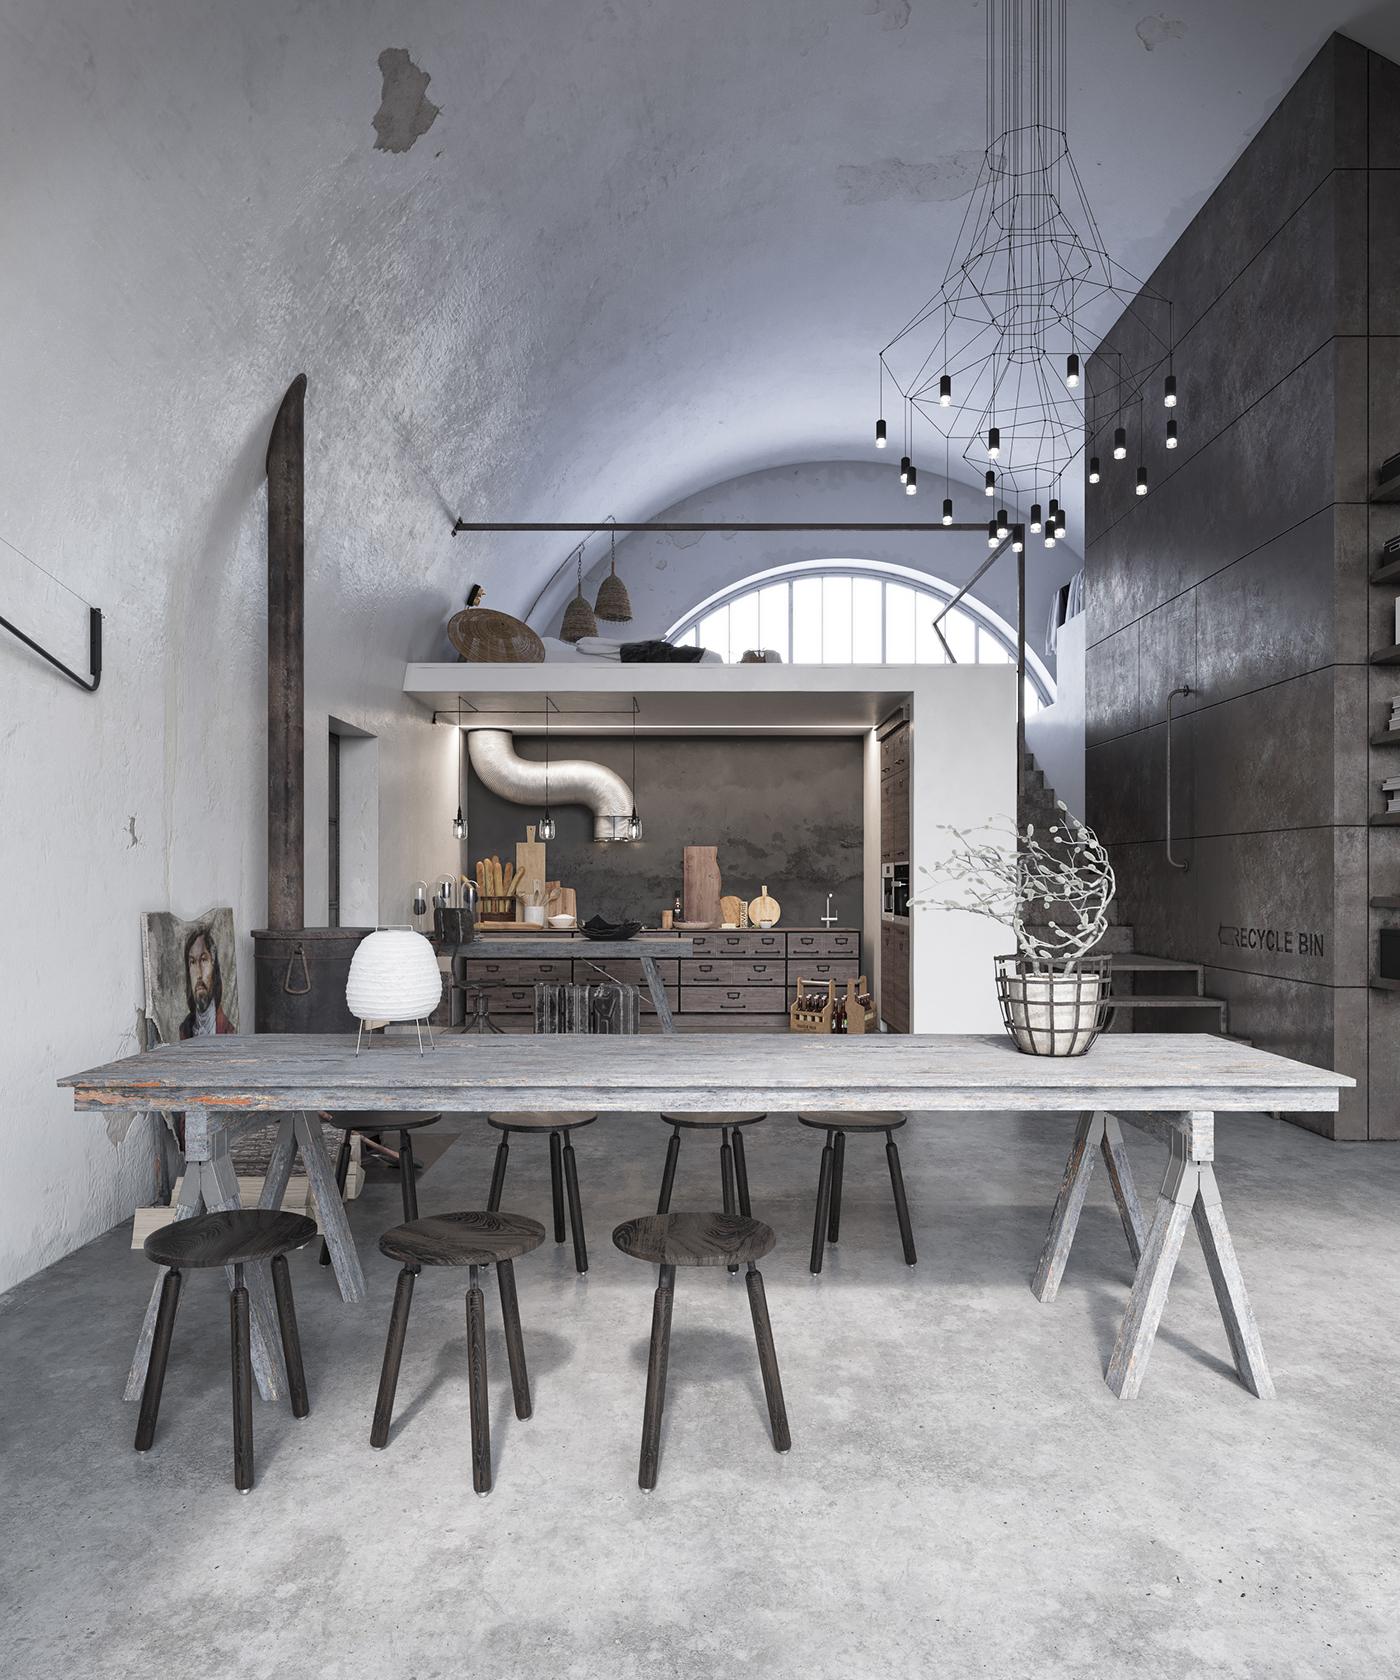 Grande table en bois dans l'espace cuisine